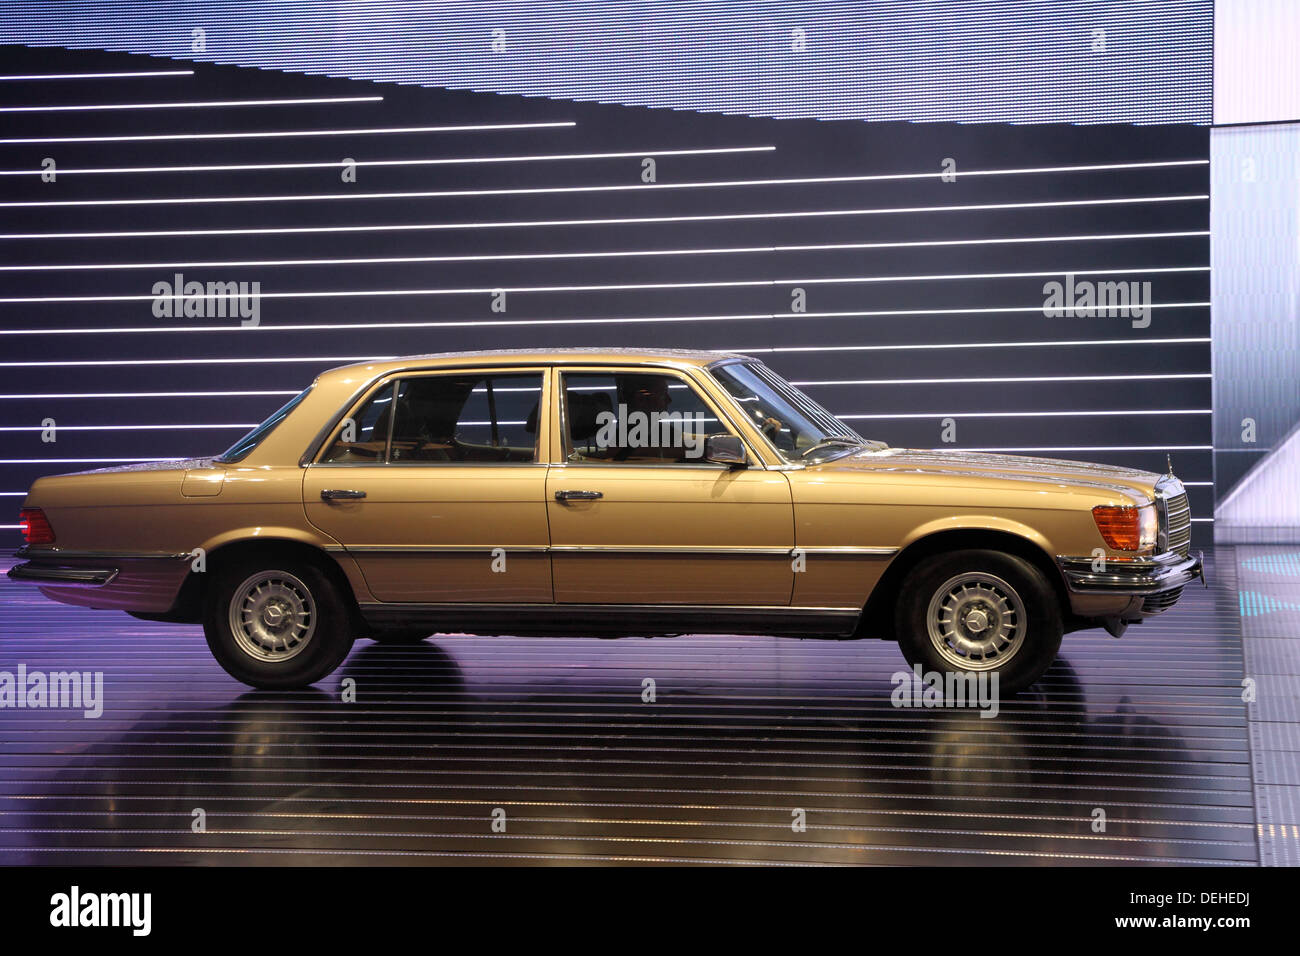 Internationale Automobilausstellung in Frankfurt am Main, Deutschland. Mercedes-Benz S-Klasse Oldtimer auf der 65. IAA in Frankfurt am Main, Deutschland Stockbild